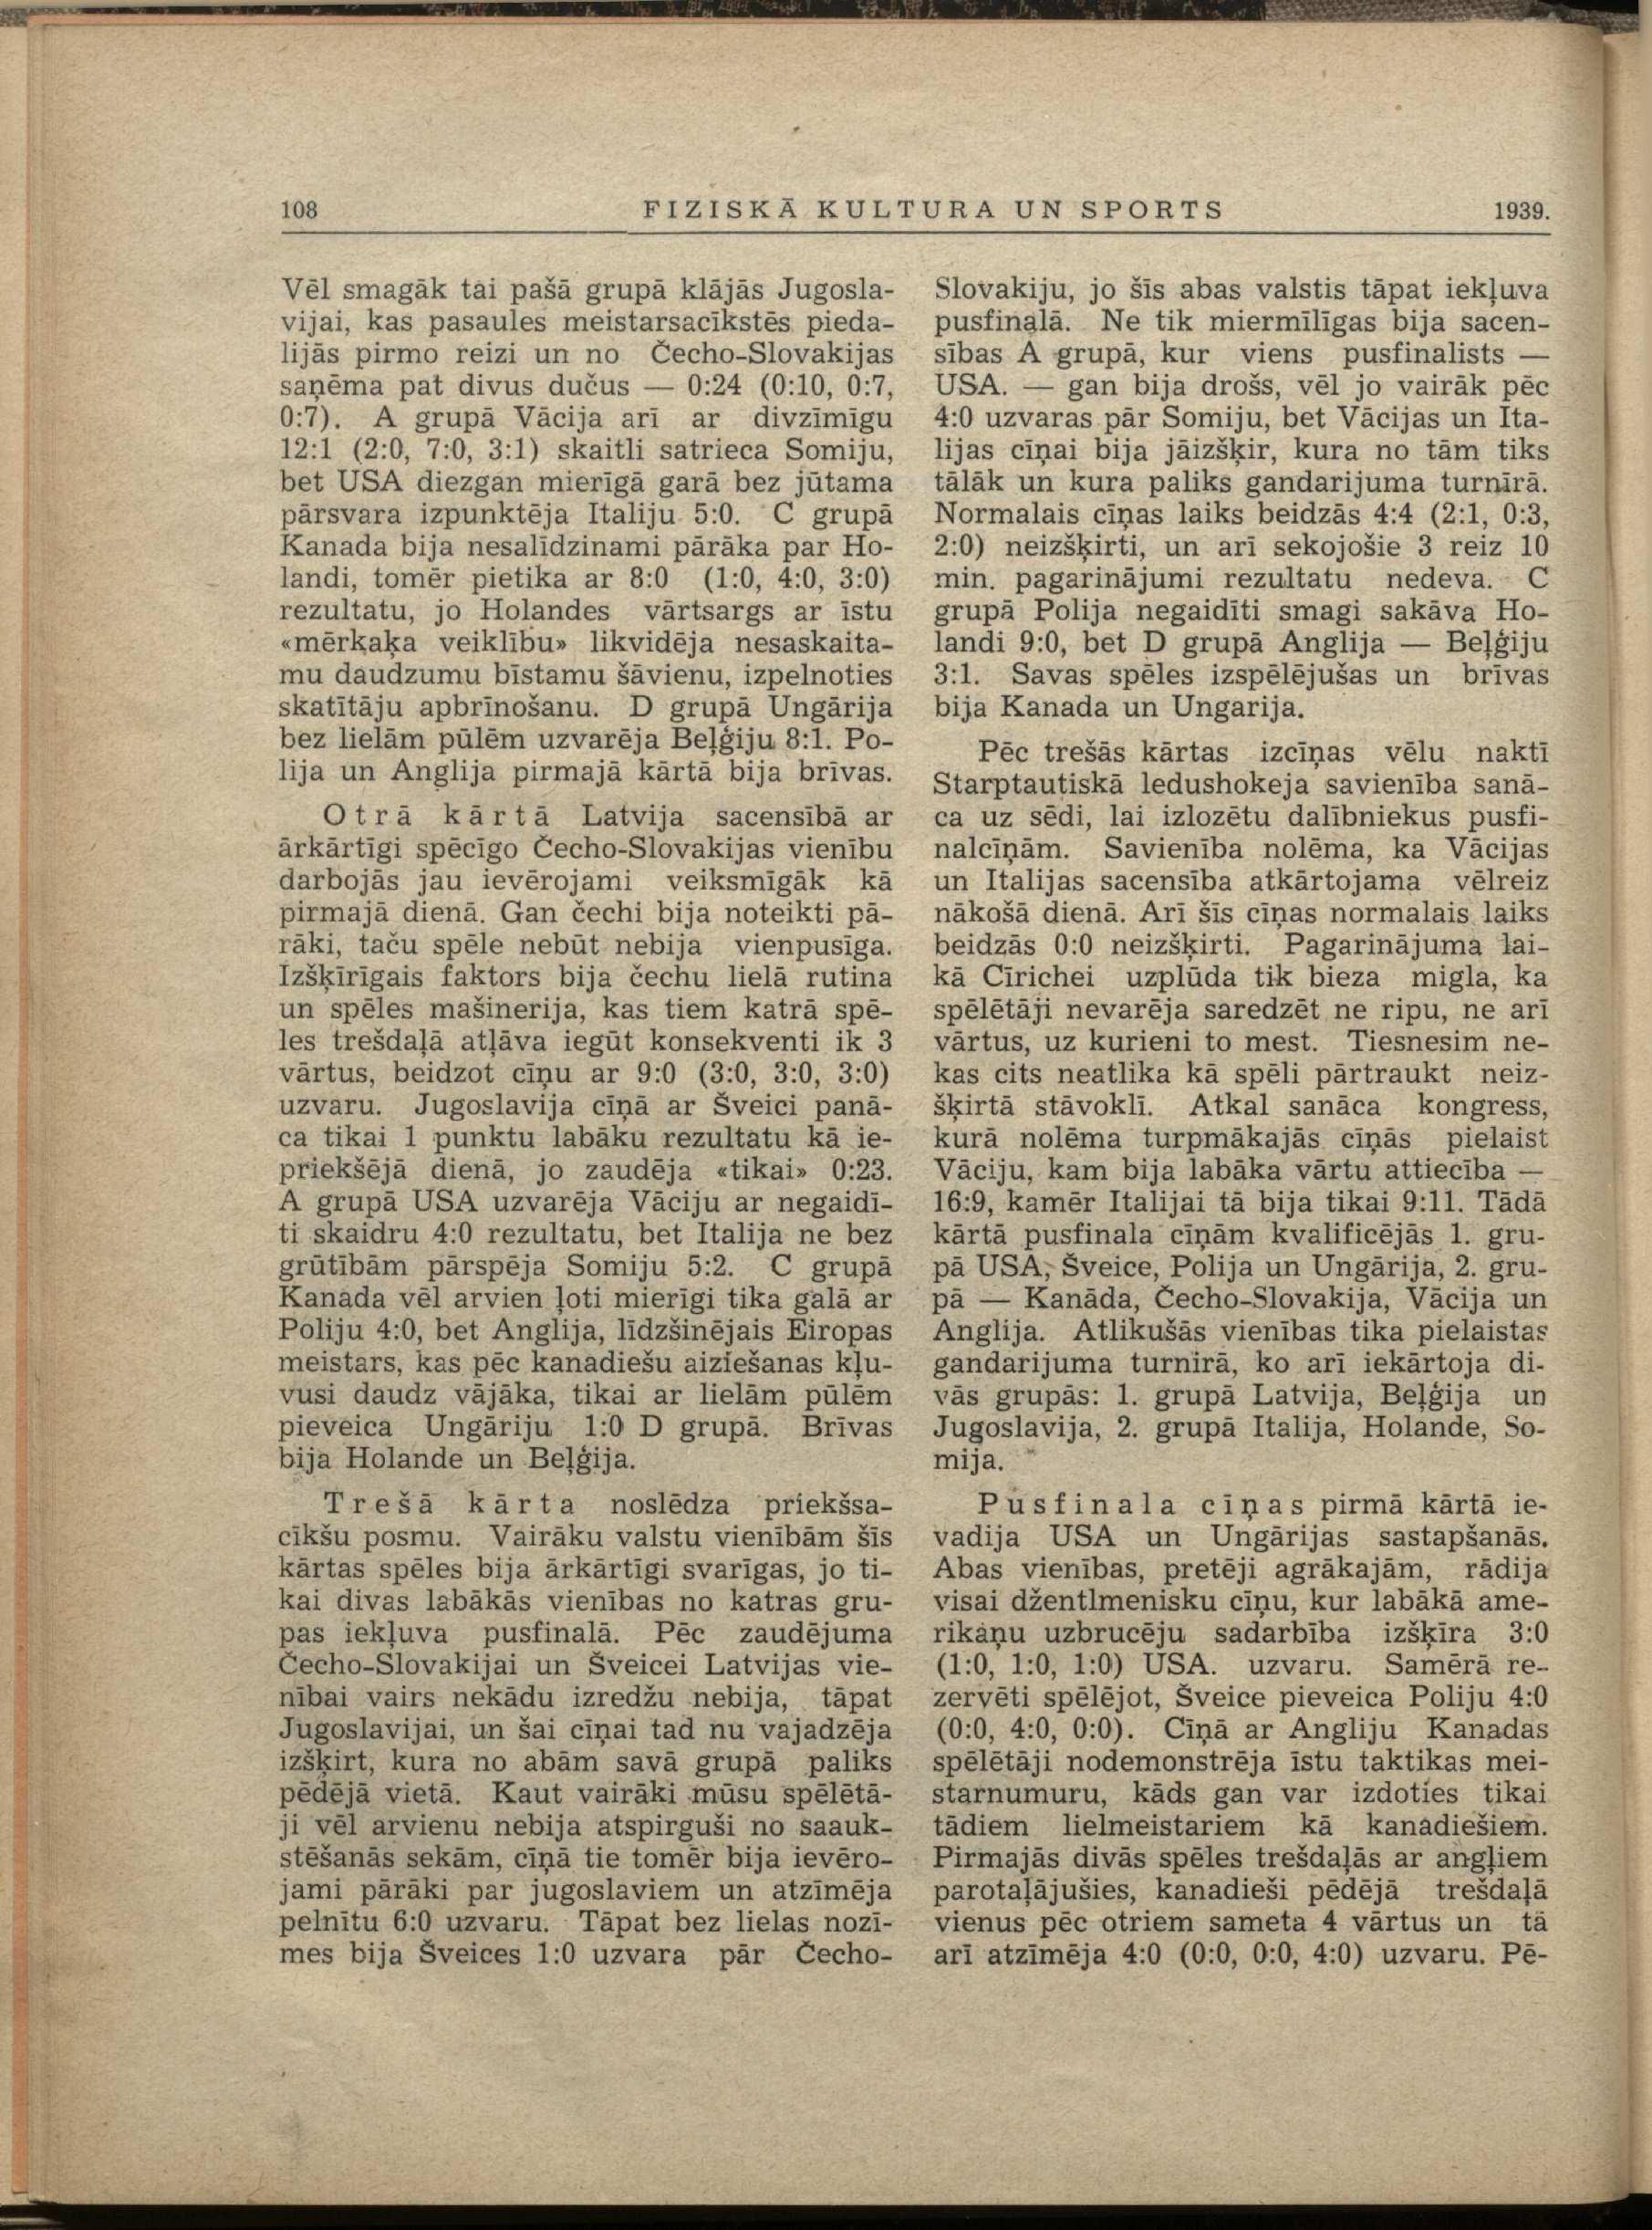 FKS_1939-03_2_lpp.jpg